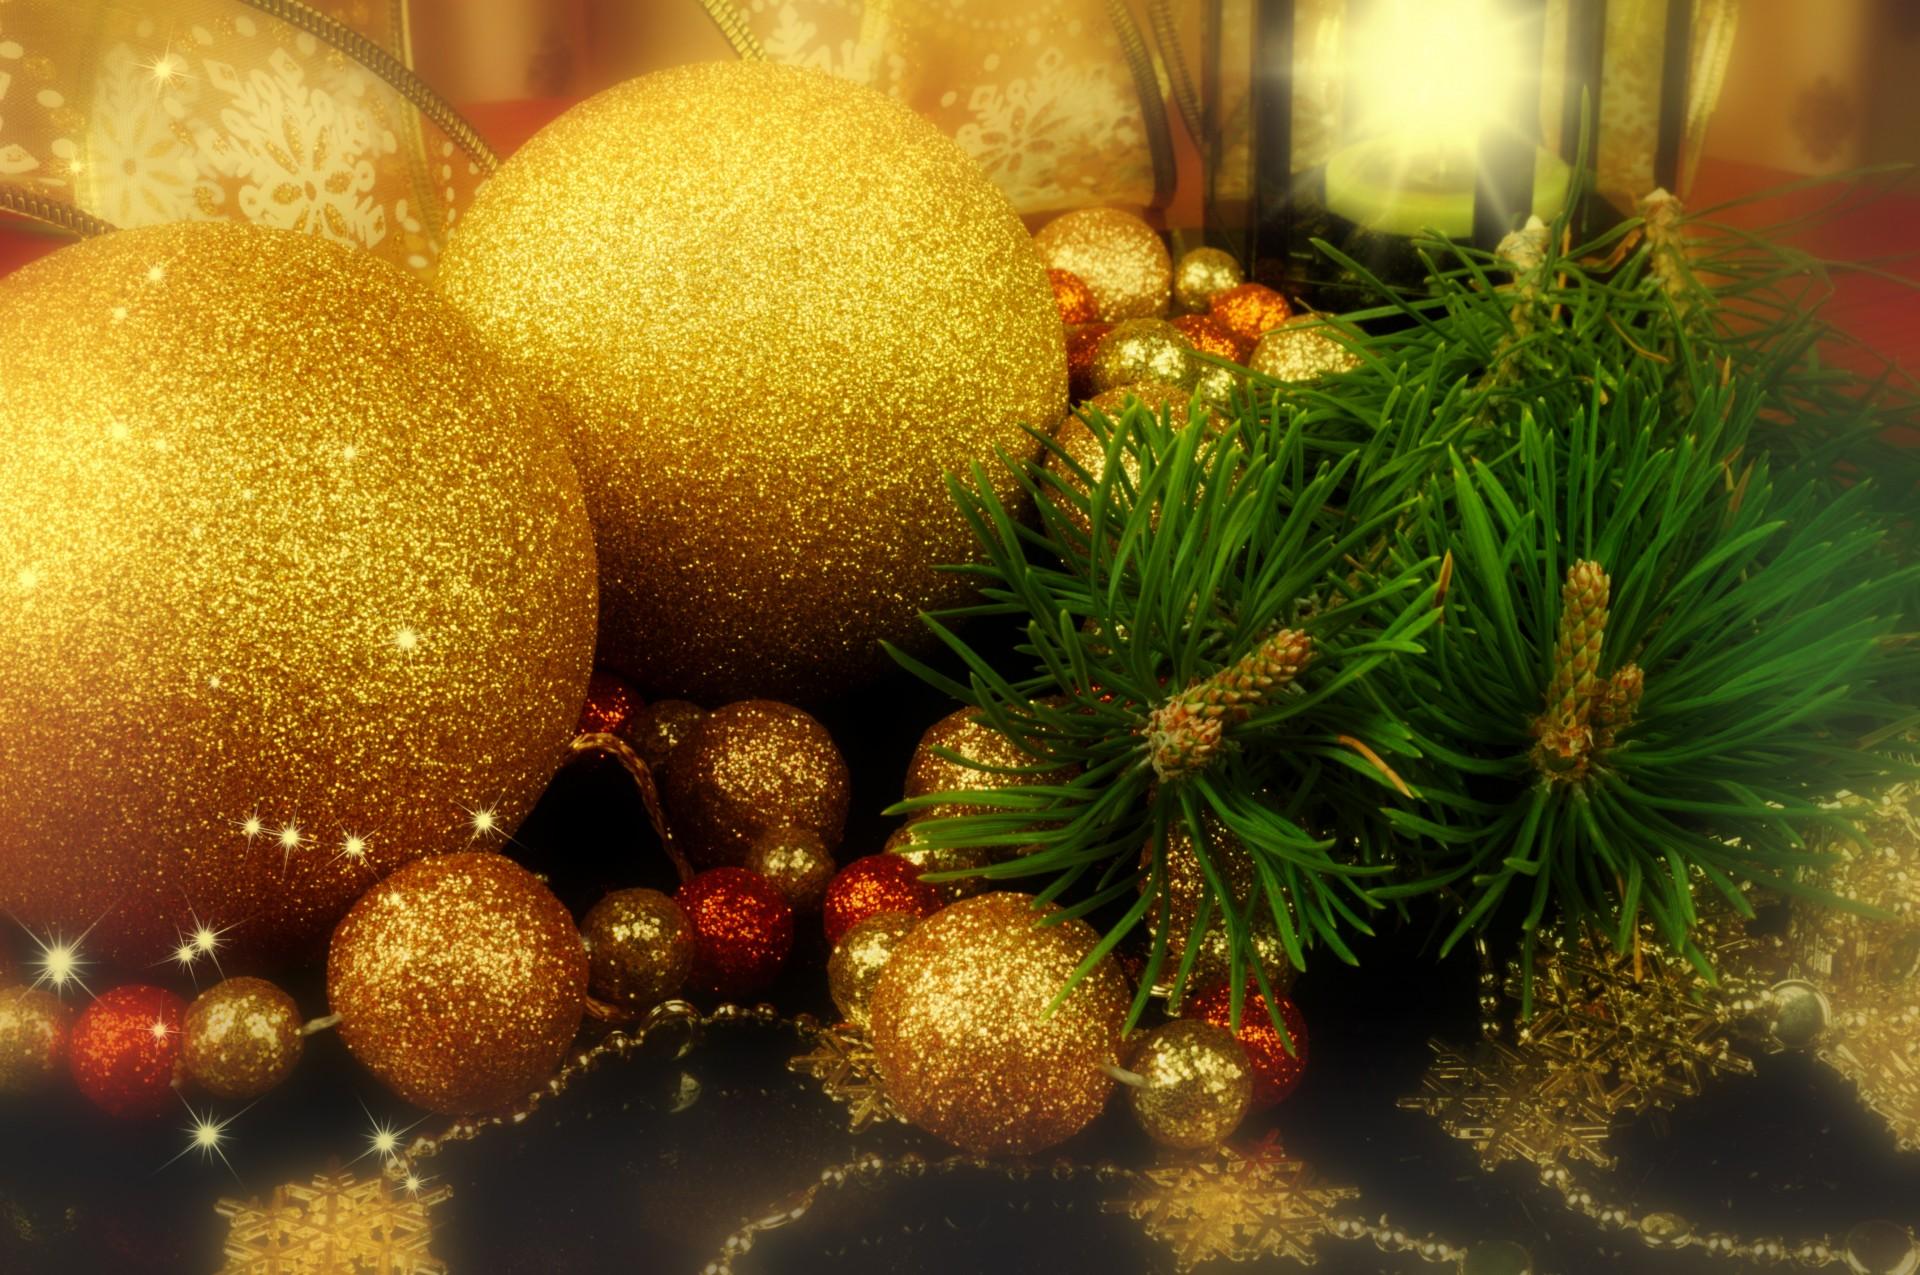 free photo christmas background